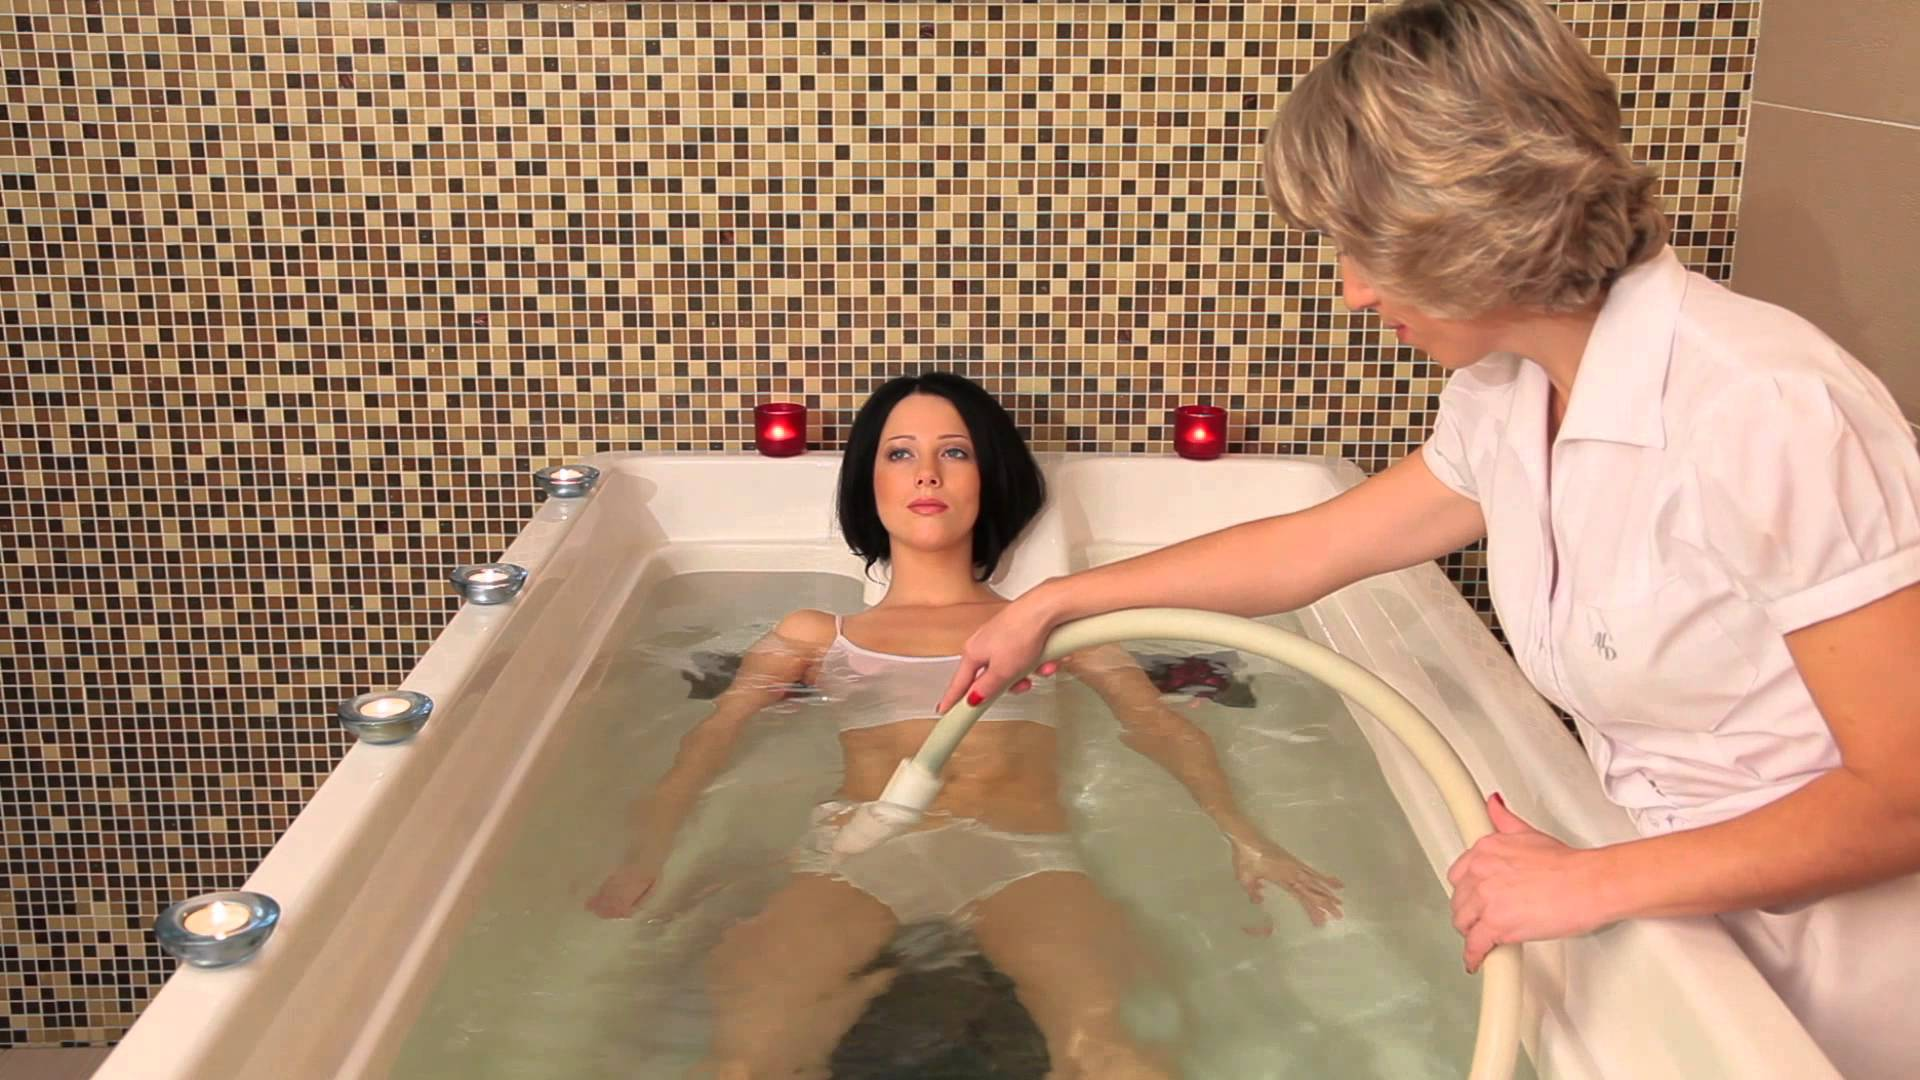 smotret-filmi-erotiki-zhenshinu-priglasili-v-sanatoriy-na-seks-protseduri-laskal-a-potom-otimel